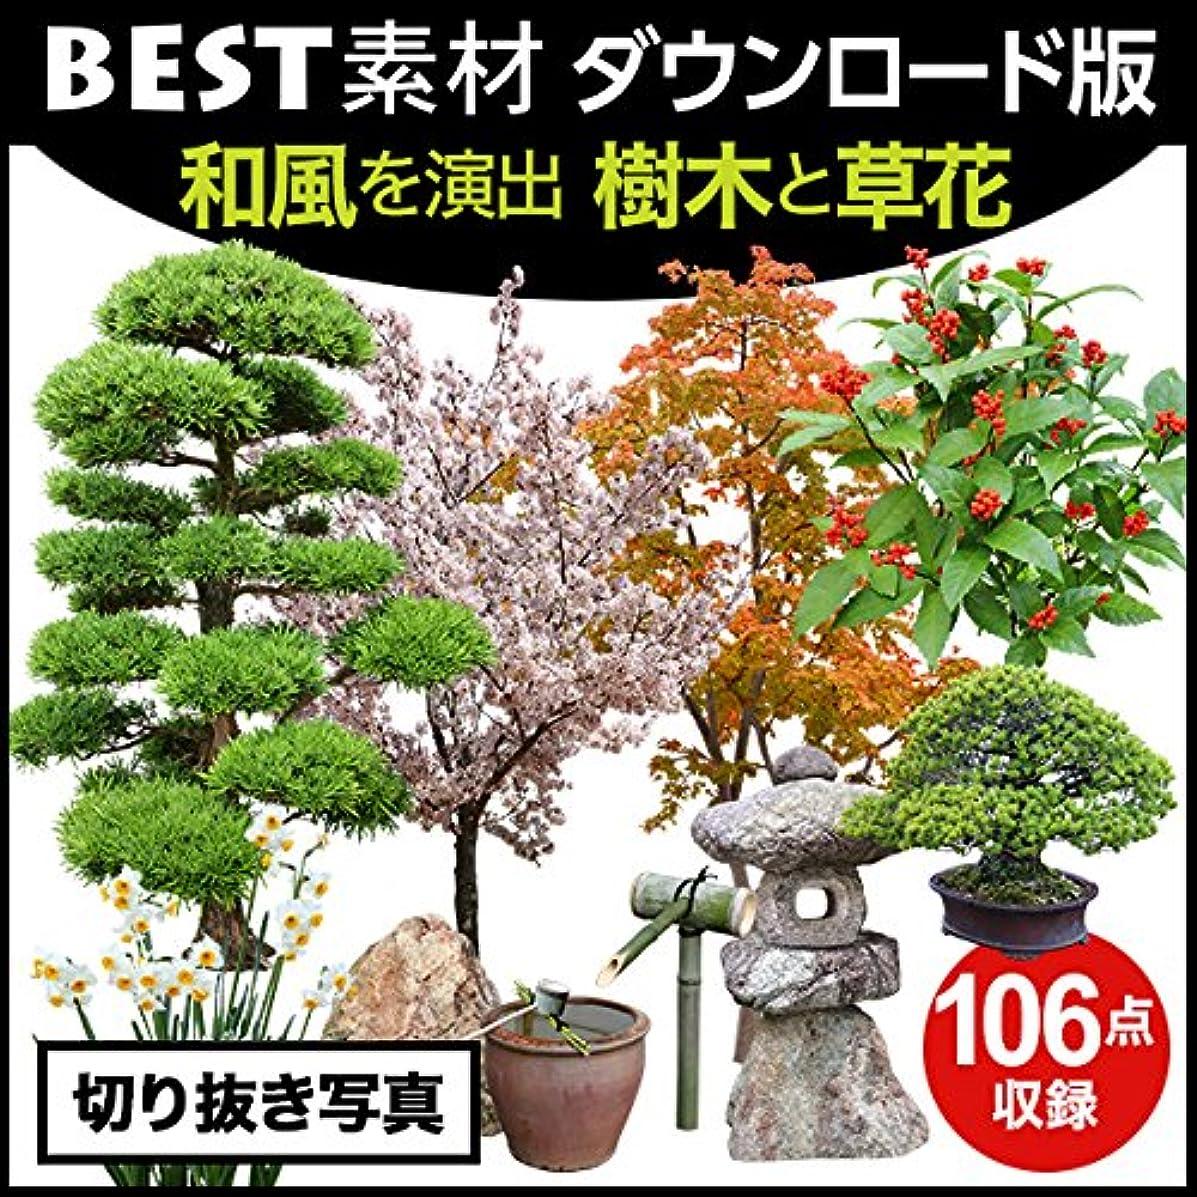 【BEST素材】和風を演出_樹木と草花(Win) ダウンロード版